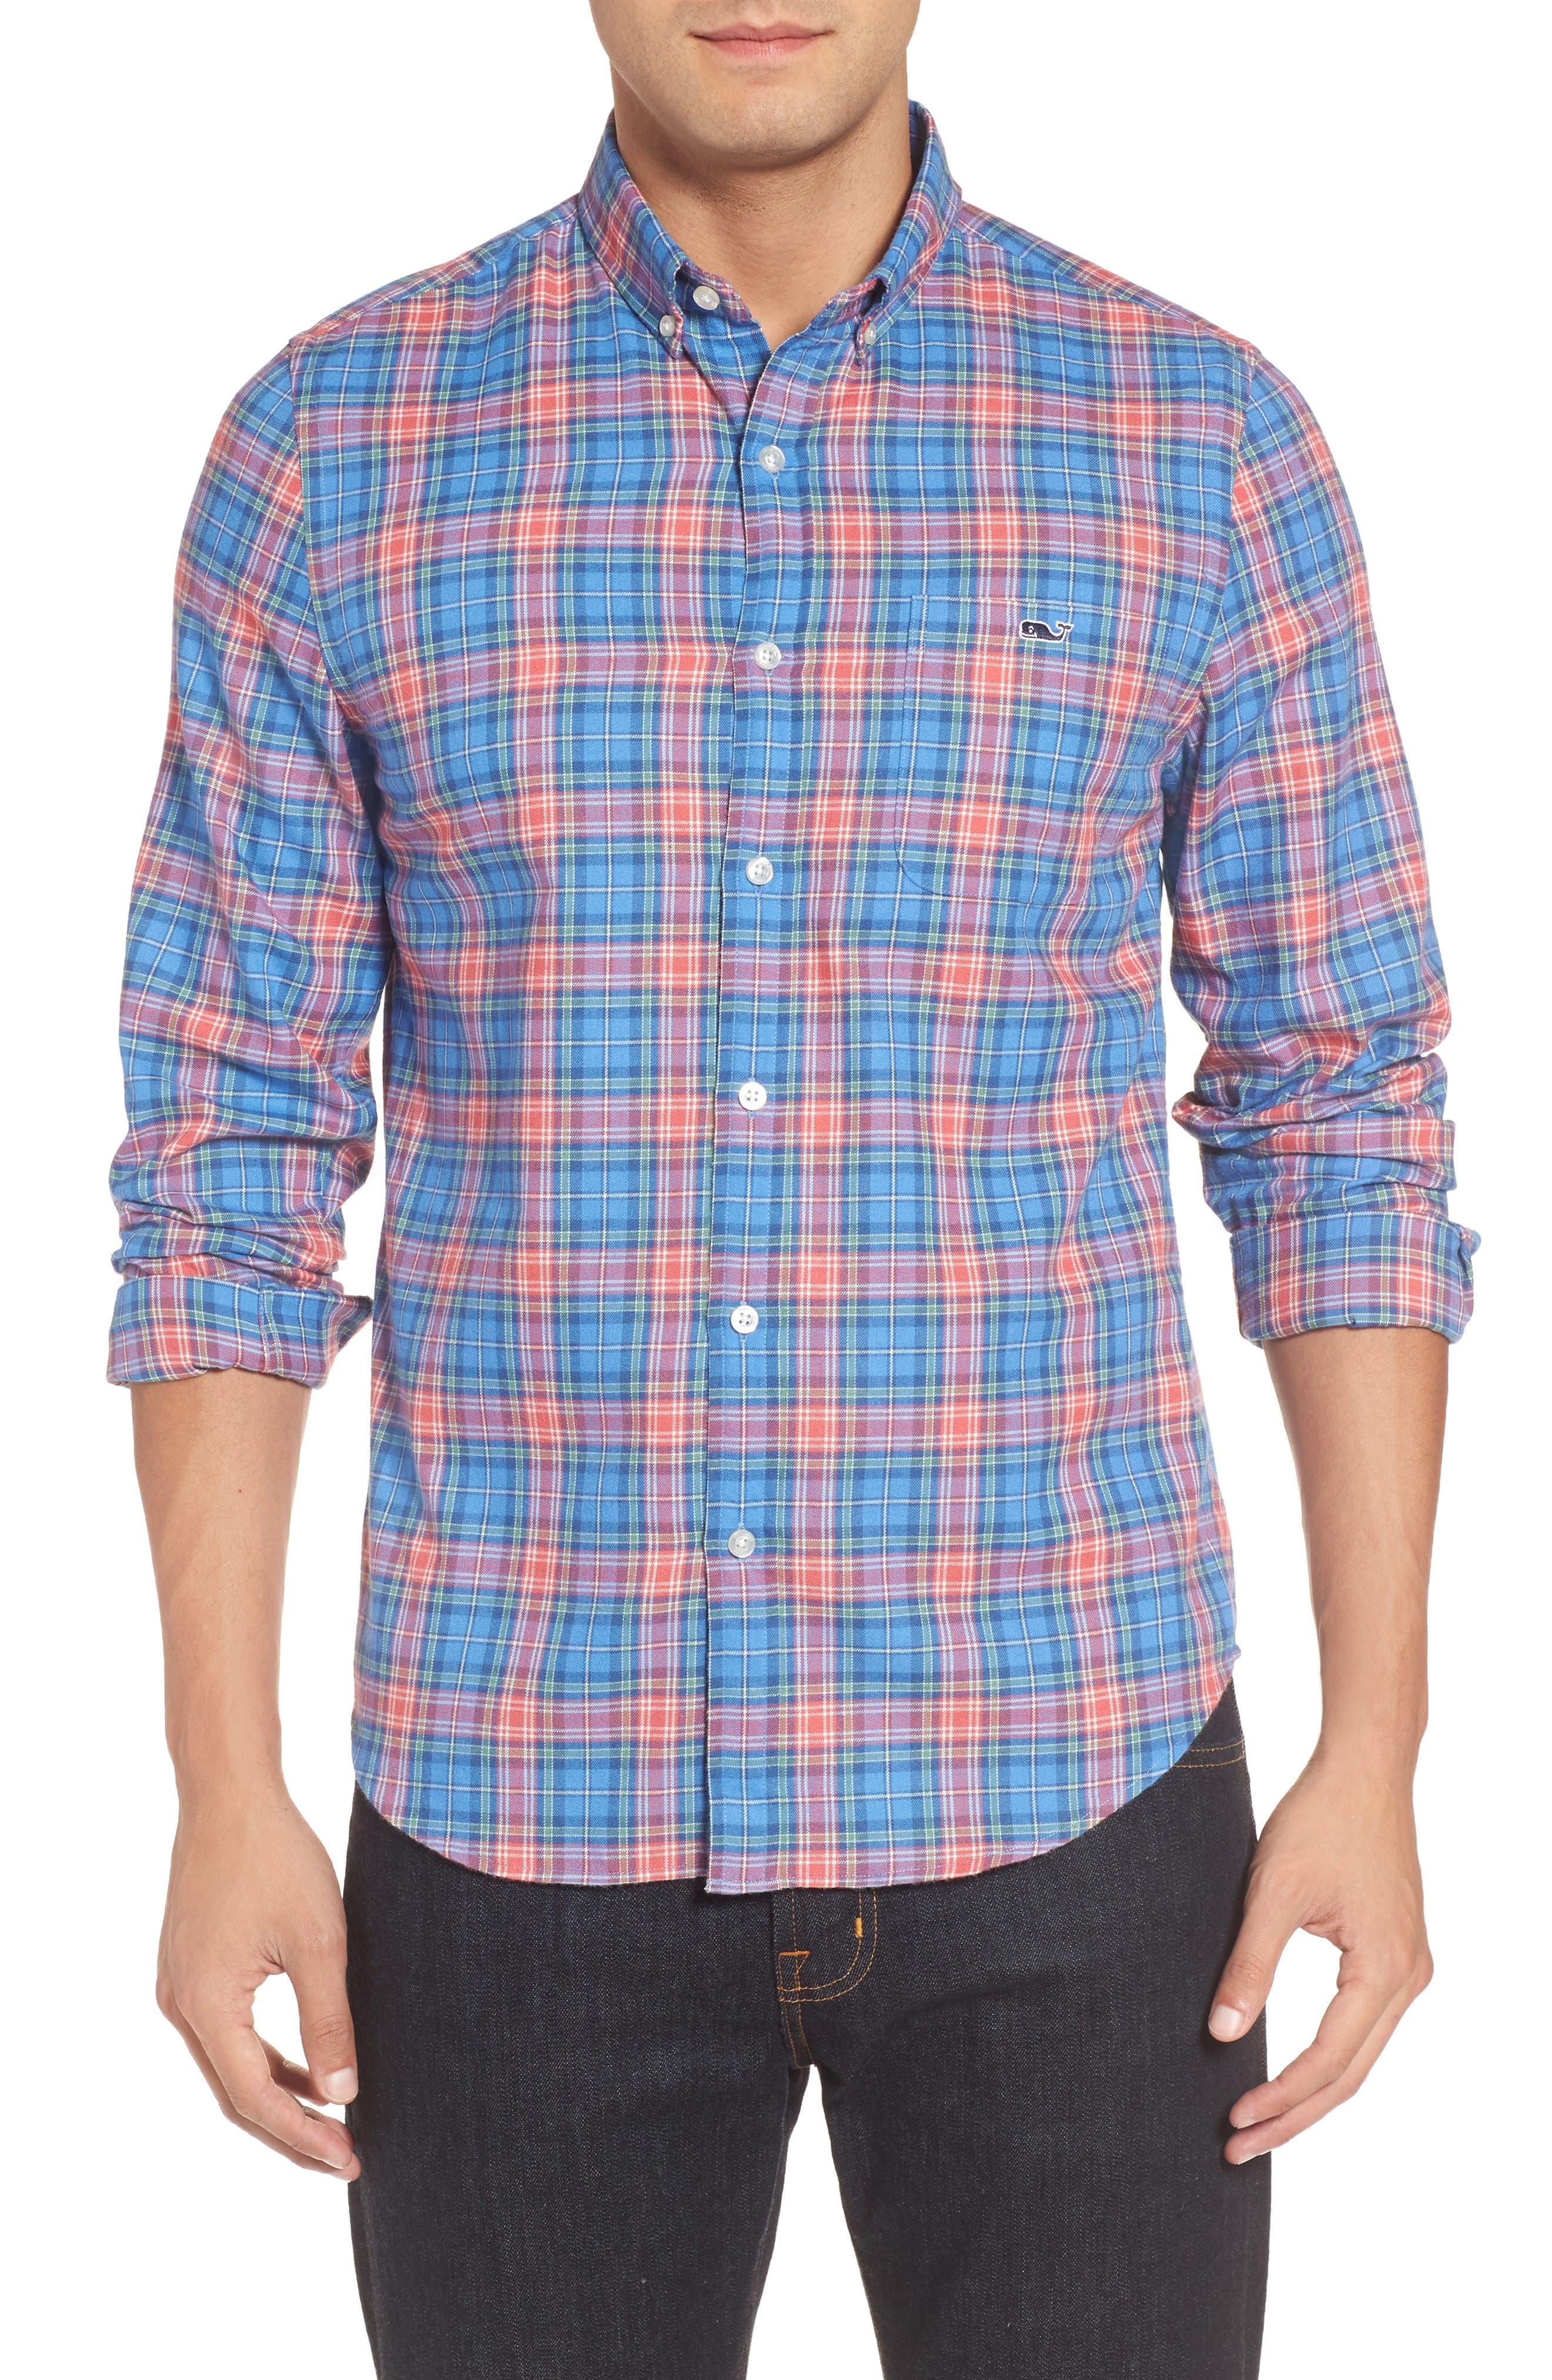 Kingsley Park Slim Fit Plaid Sport Shirt,                             Main thumbnail 1, color,                             Bimini Blue